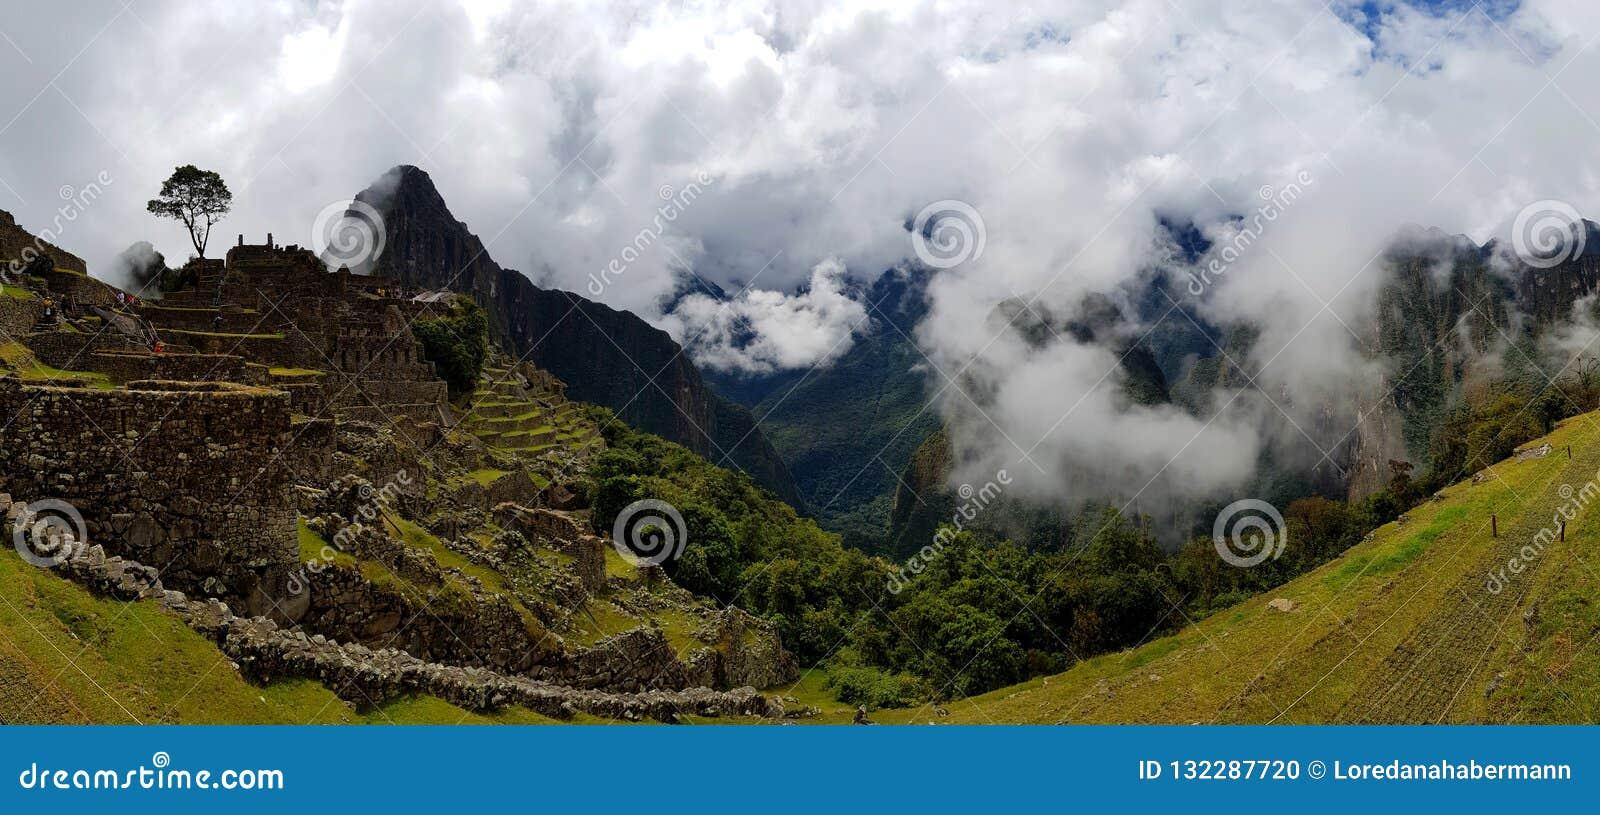 Machu Picchu, Incnca-ruïnes in de Peruviaanse Andes